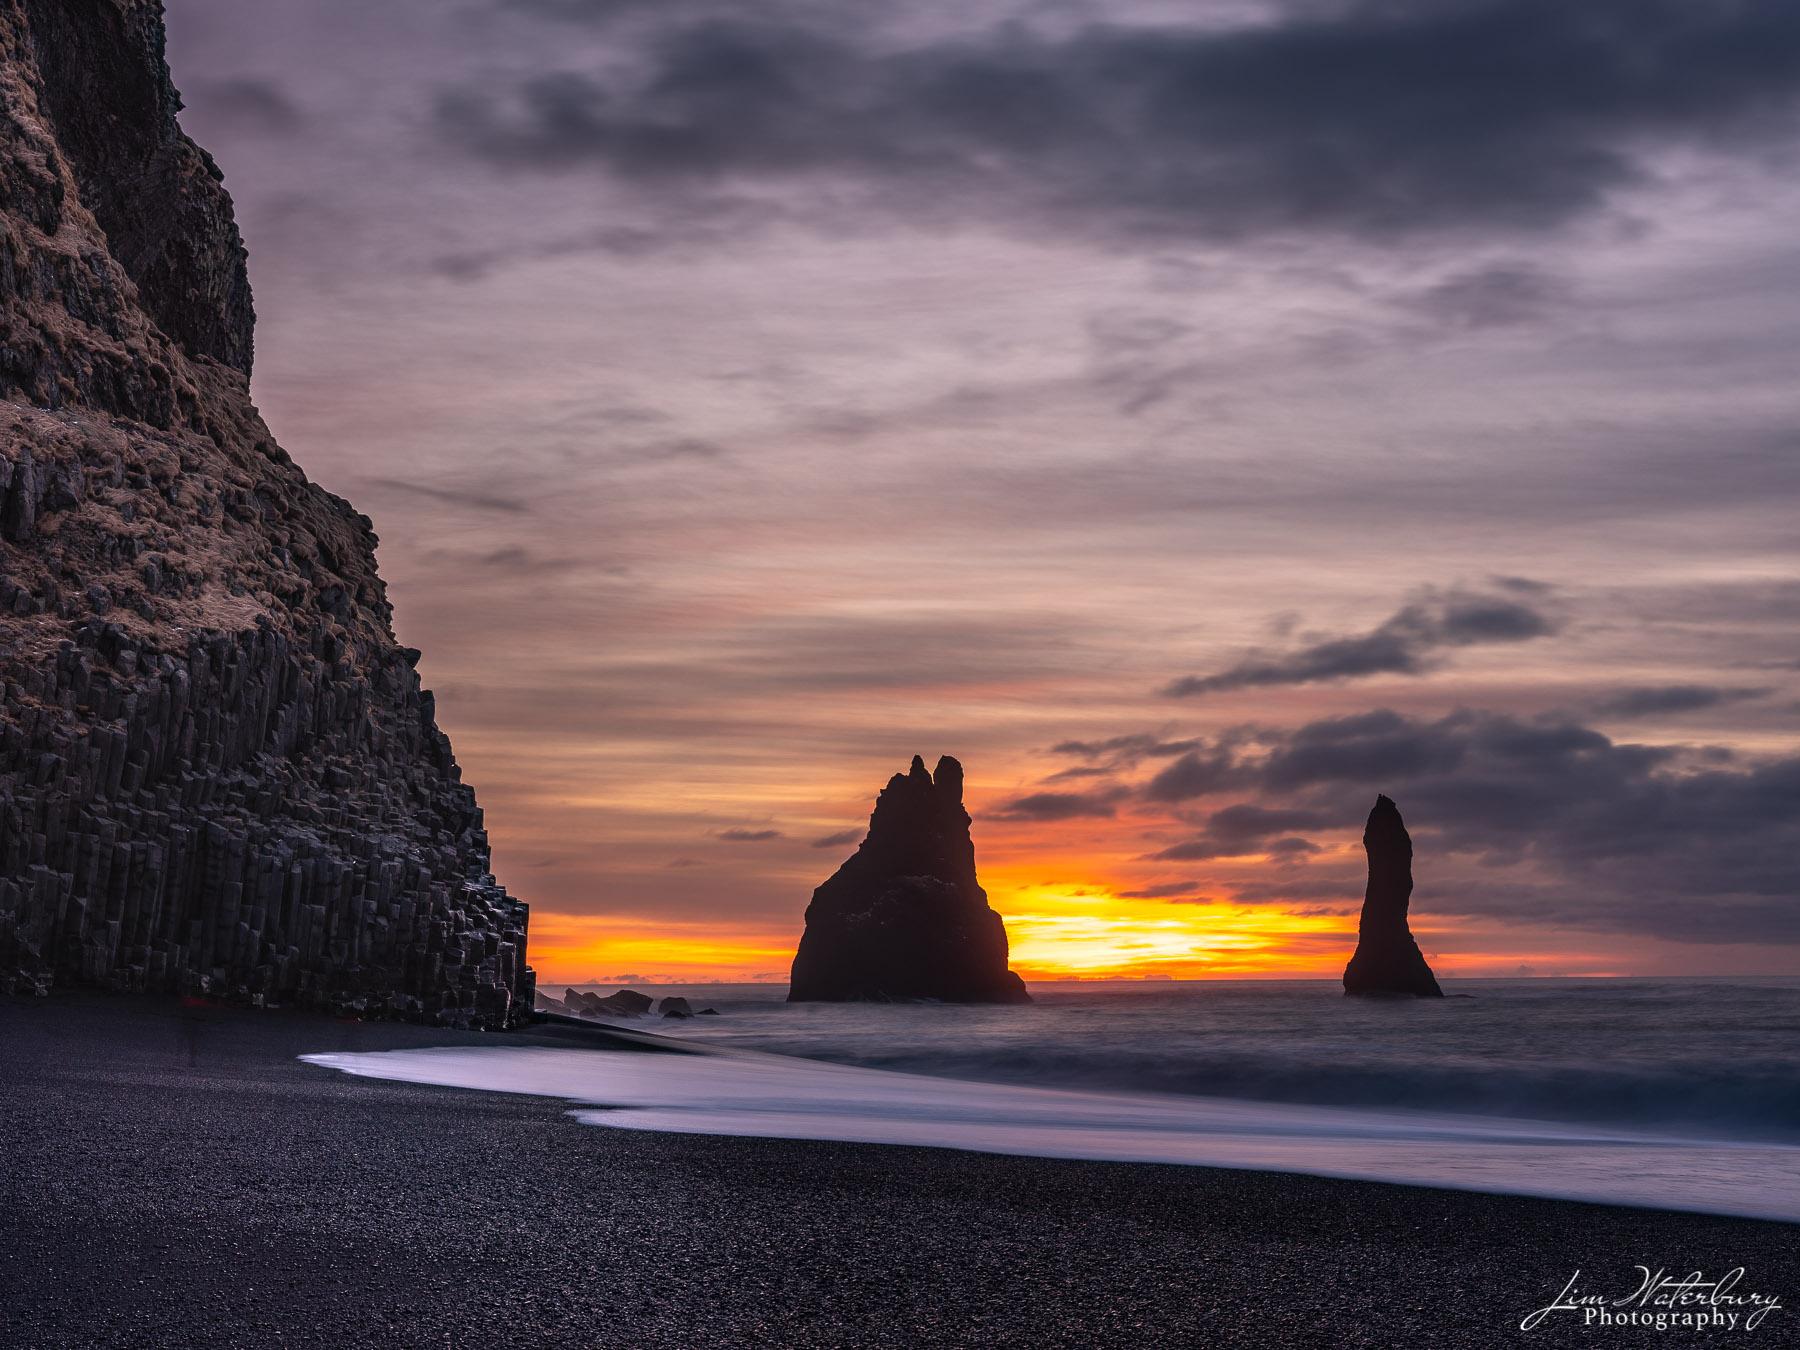 sea stacks, sunrise, black sand, beach, Reynisfjara, Iceland, photo